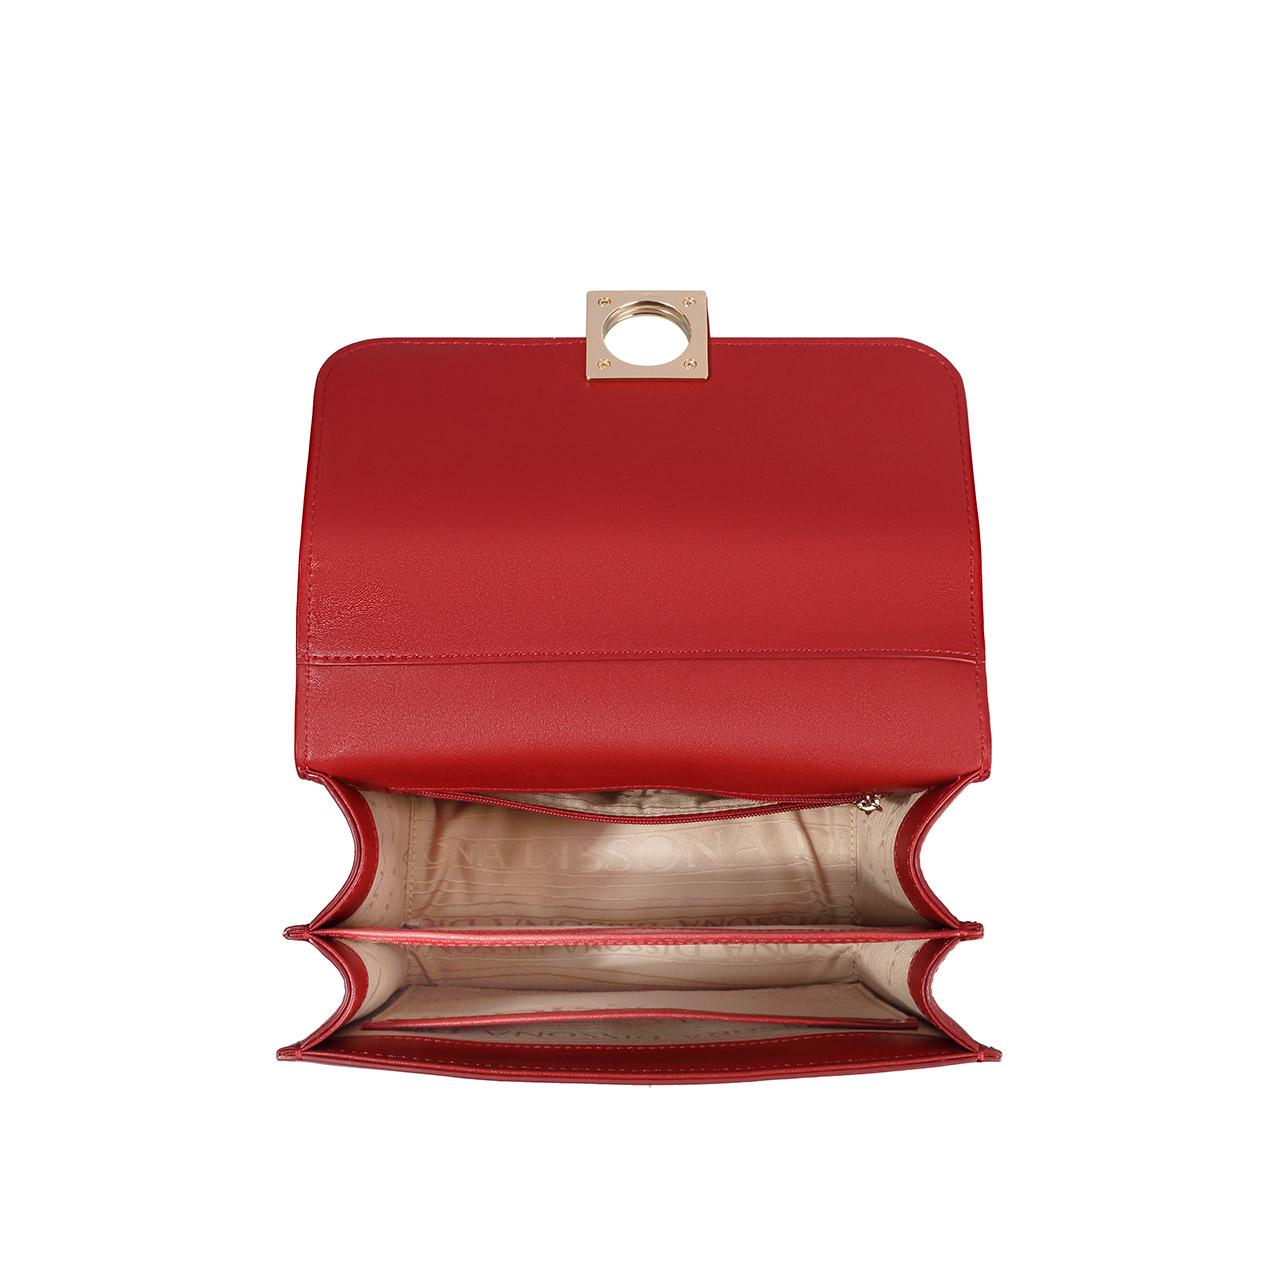 迪桑娜包包真皮质感女包 2019新款小方包斜挎包链条单肩包风琴包